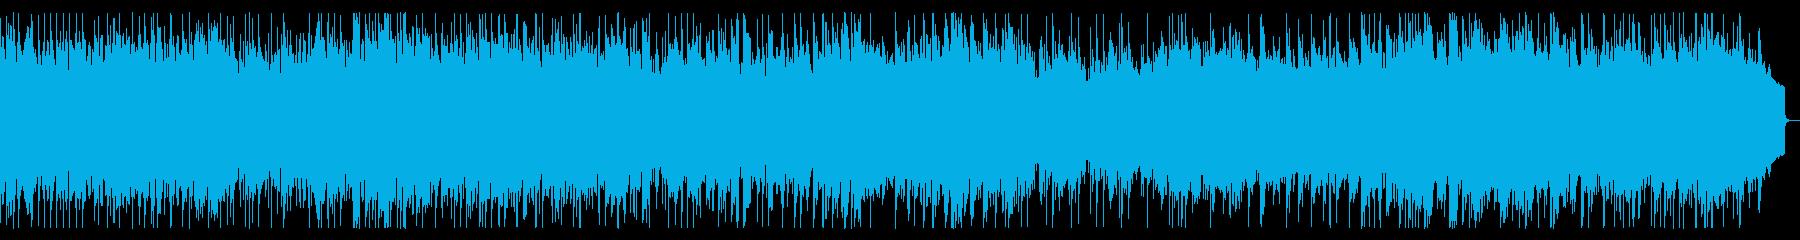 リフ主体のメタル 戦闘曲 激しい曲の再生済みの波形